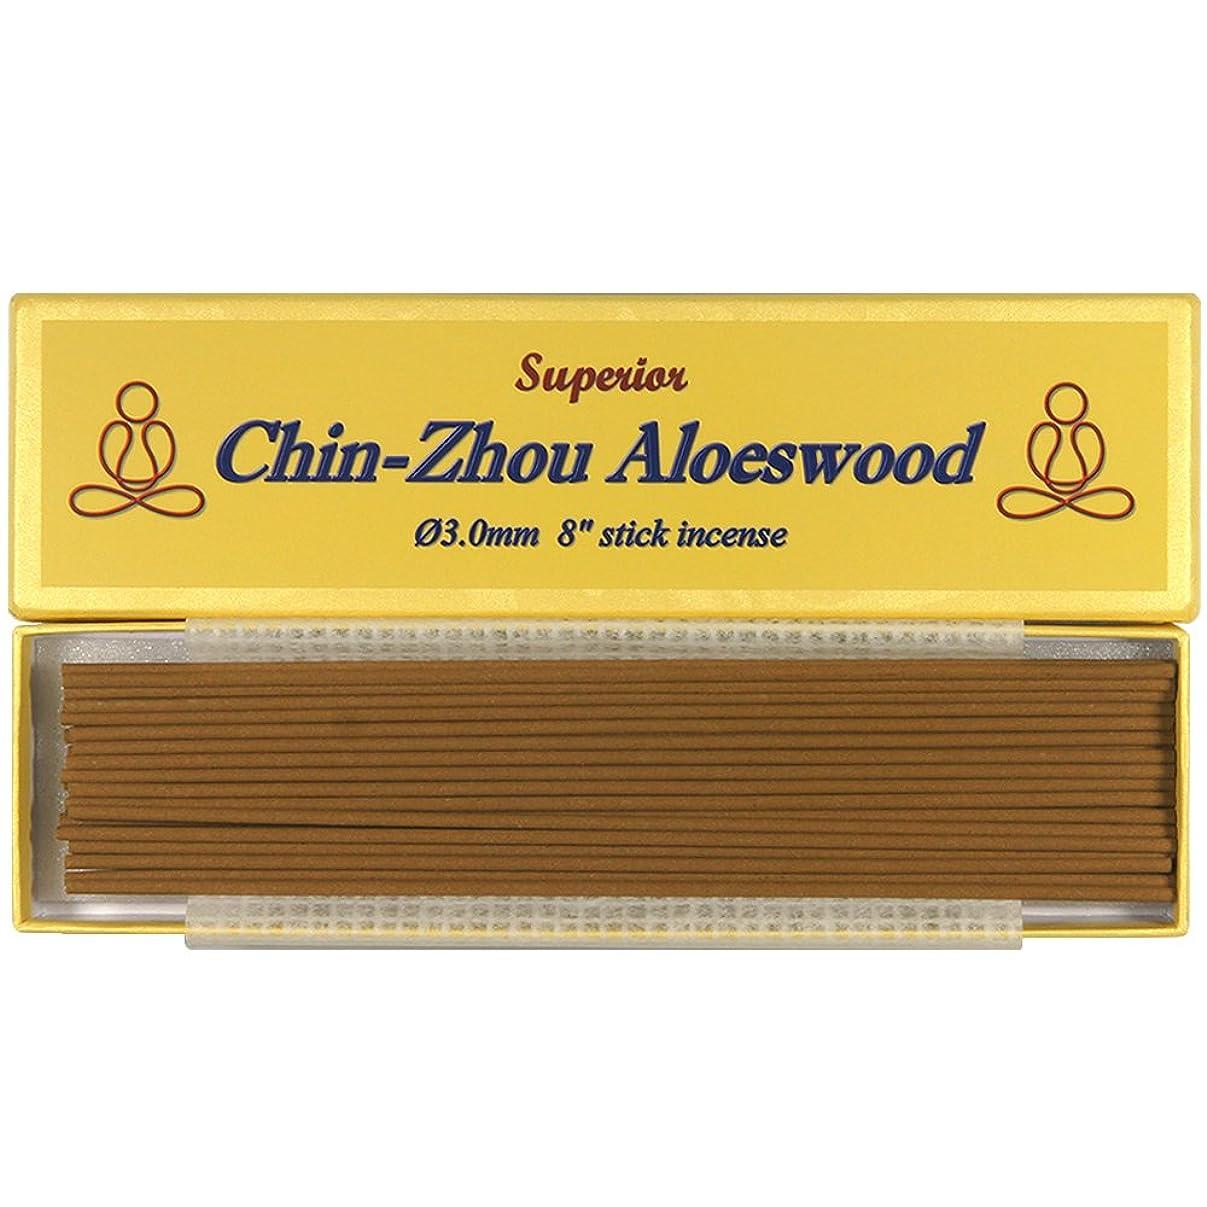 始まり販売計画望まない優れたchin-zhou Aloeswood?–?8?